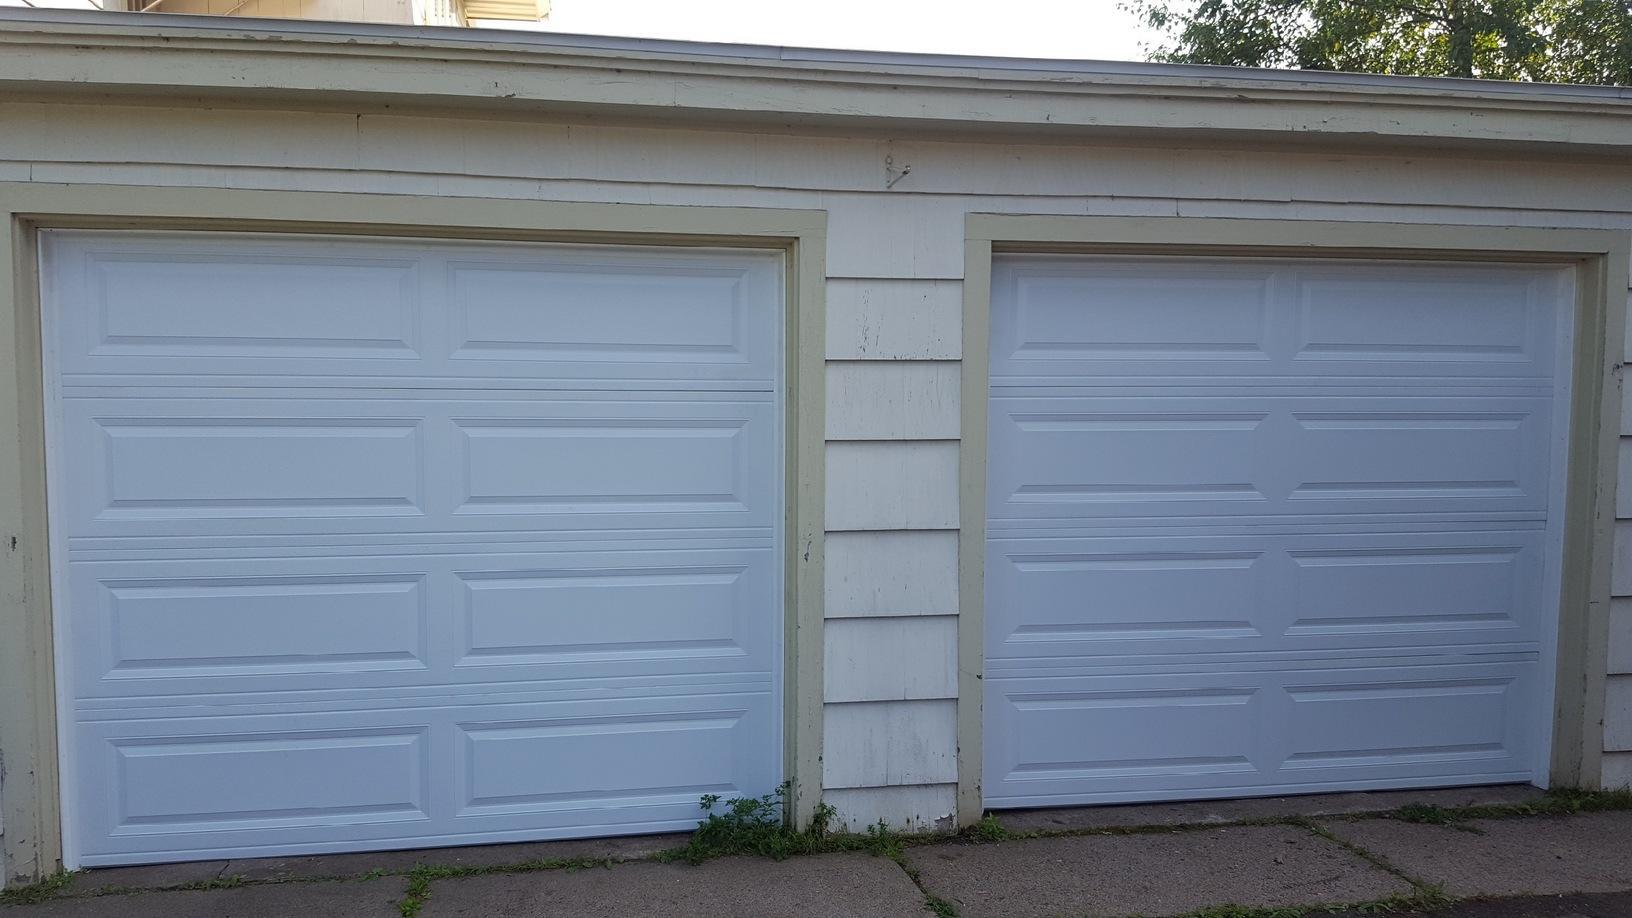 New Garage Doors Installed in Duluth, MN